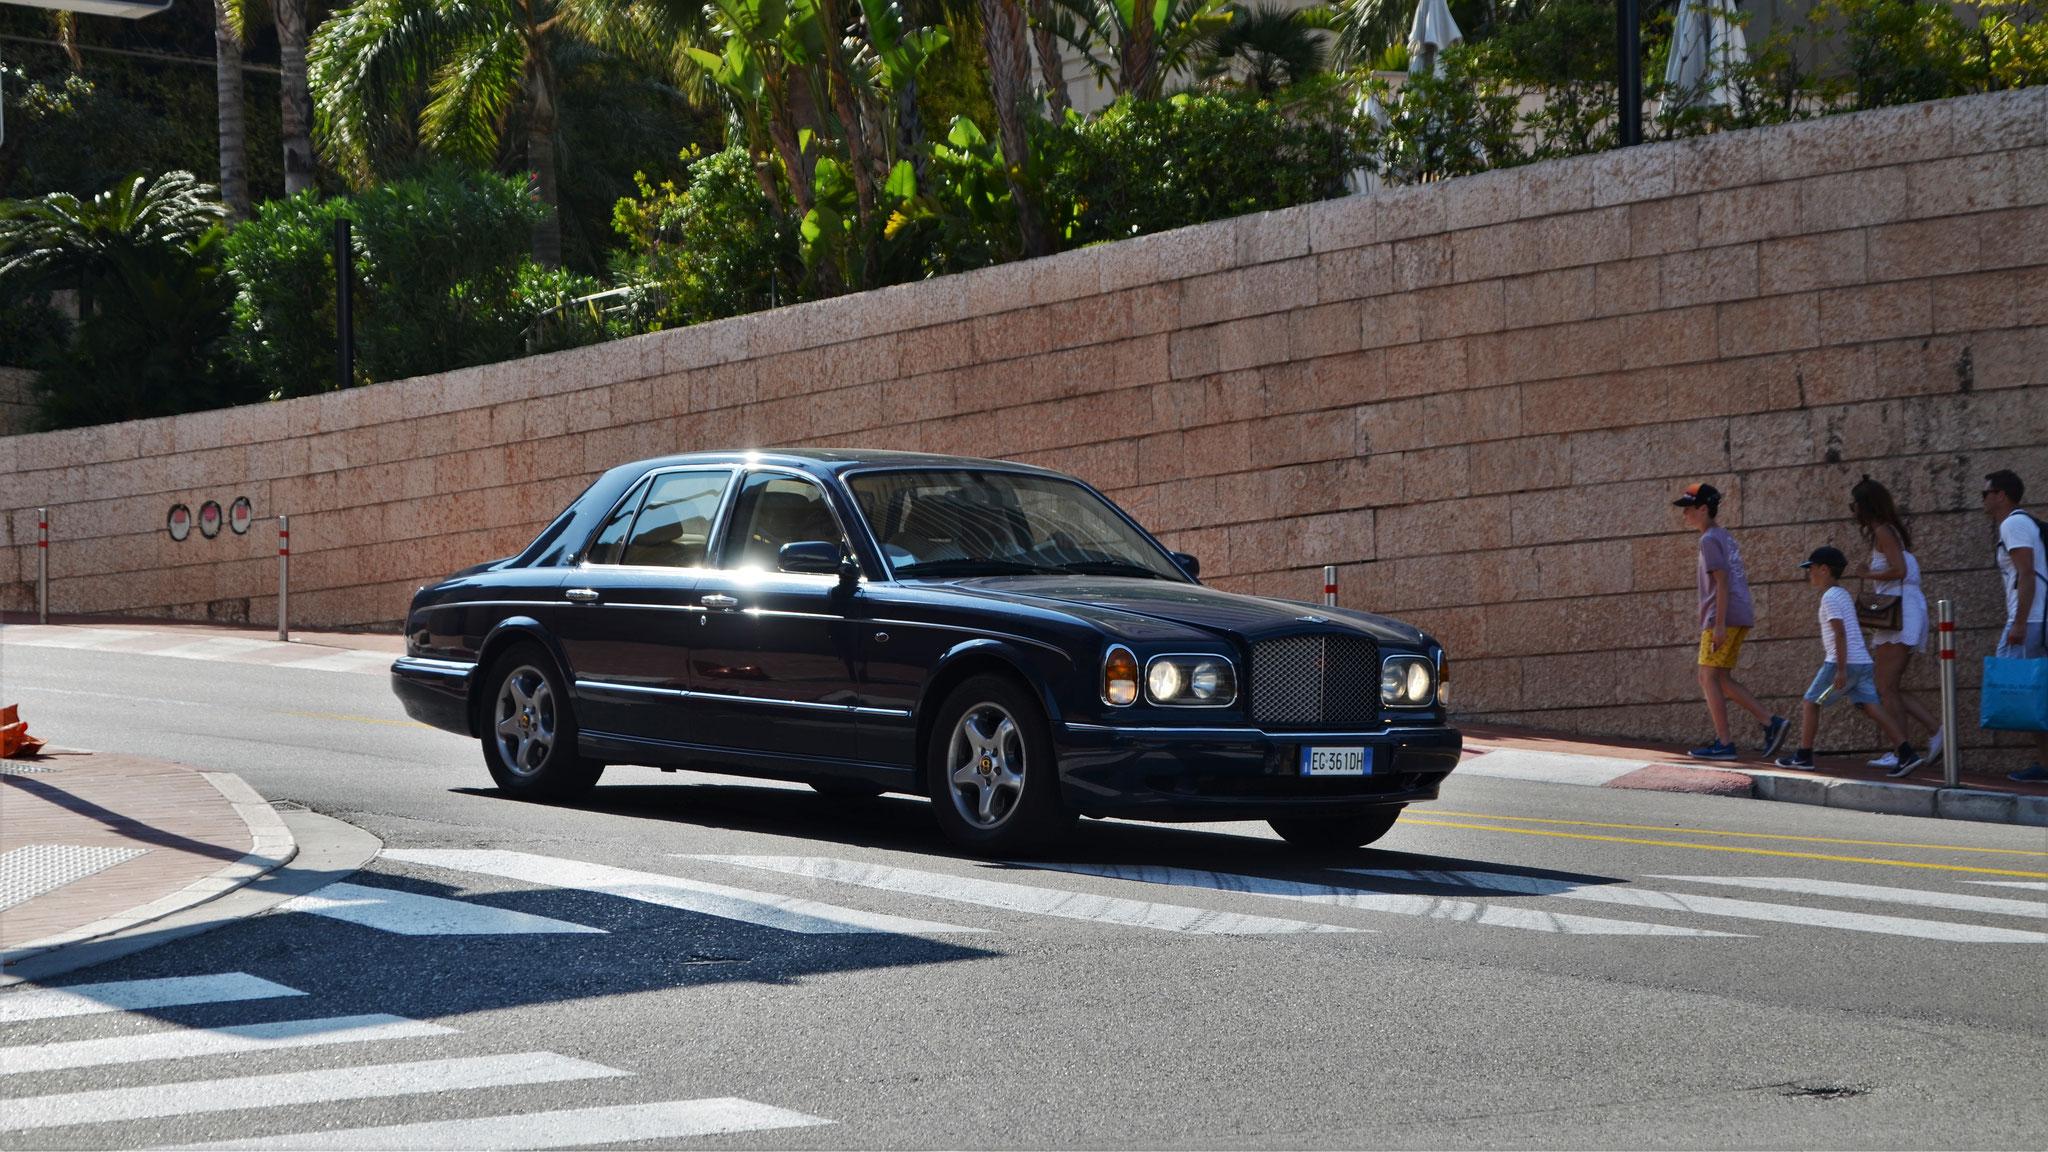 Bentley Arnage - EG-361-DH (ITA)